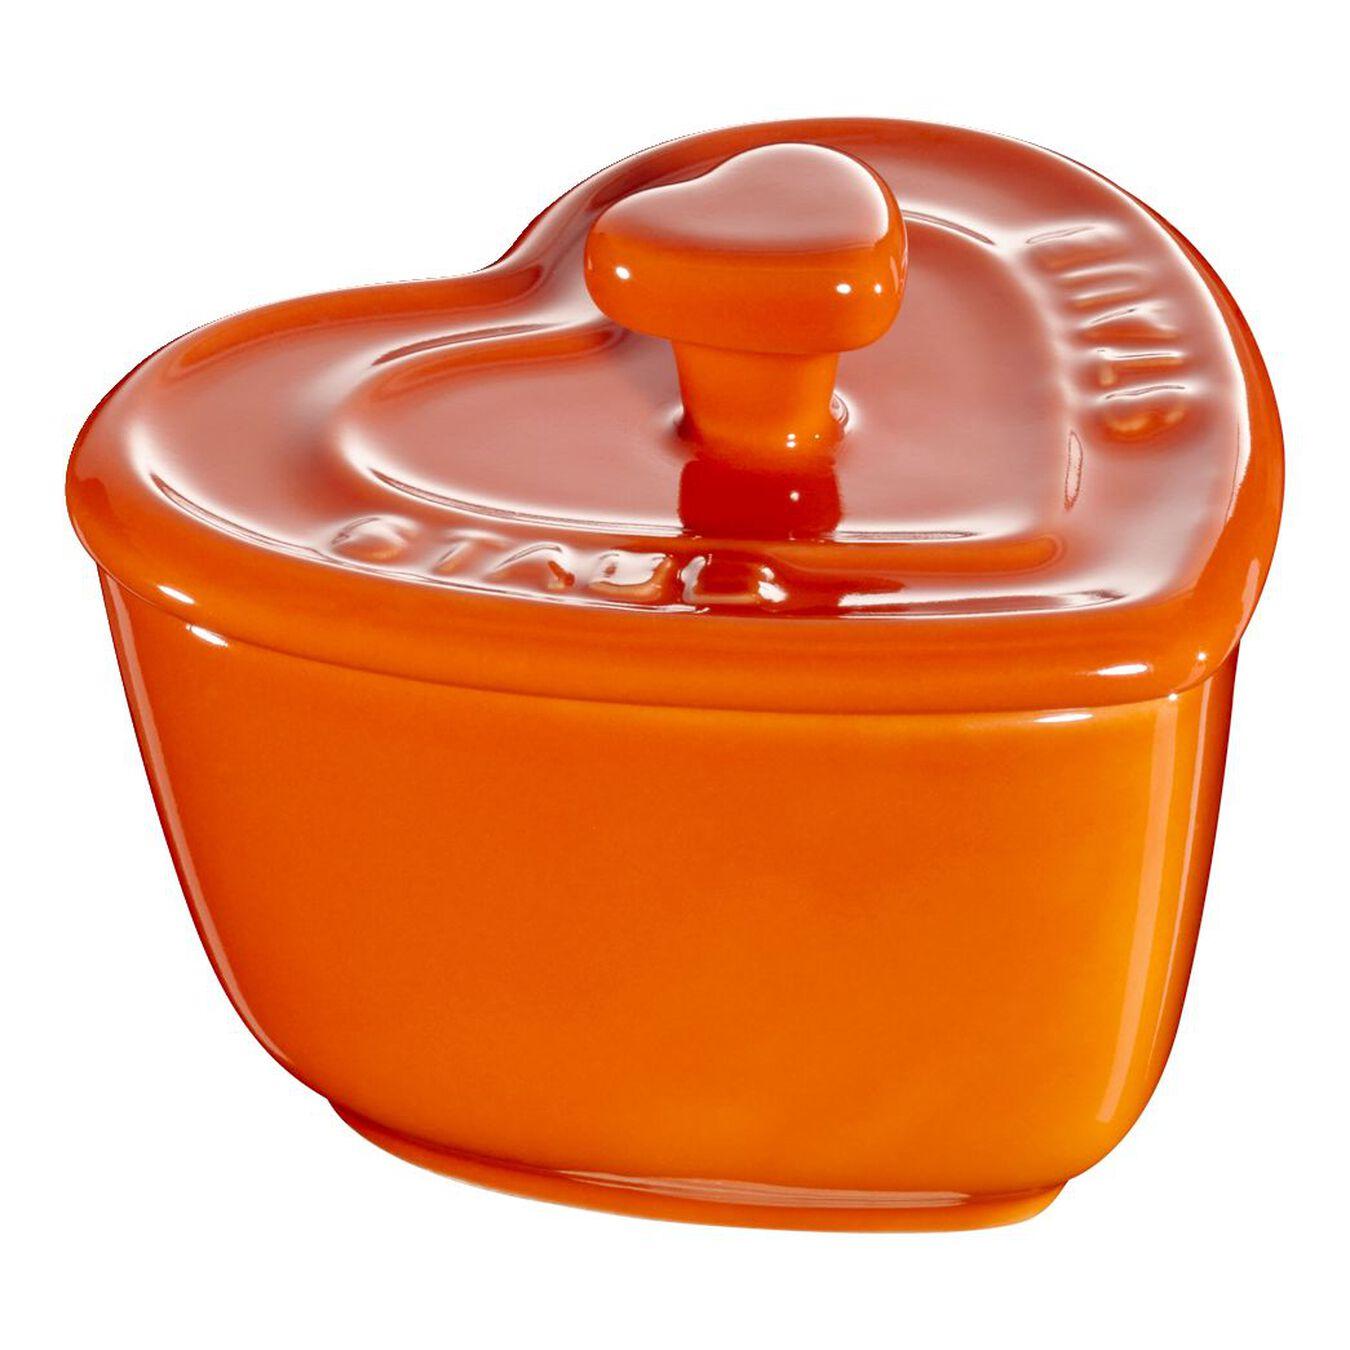 Cocotte sæt 2-dele, Hjerte, Orange, Stentøj,,large 1